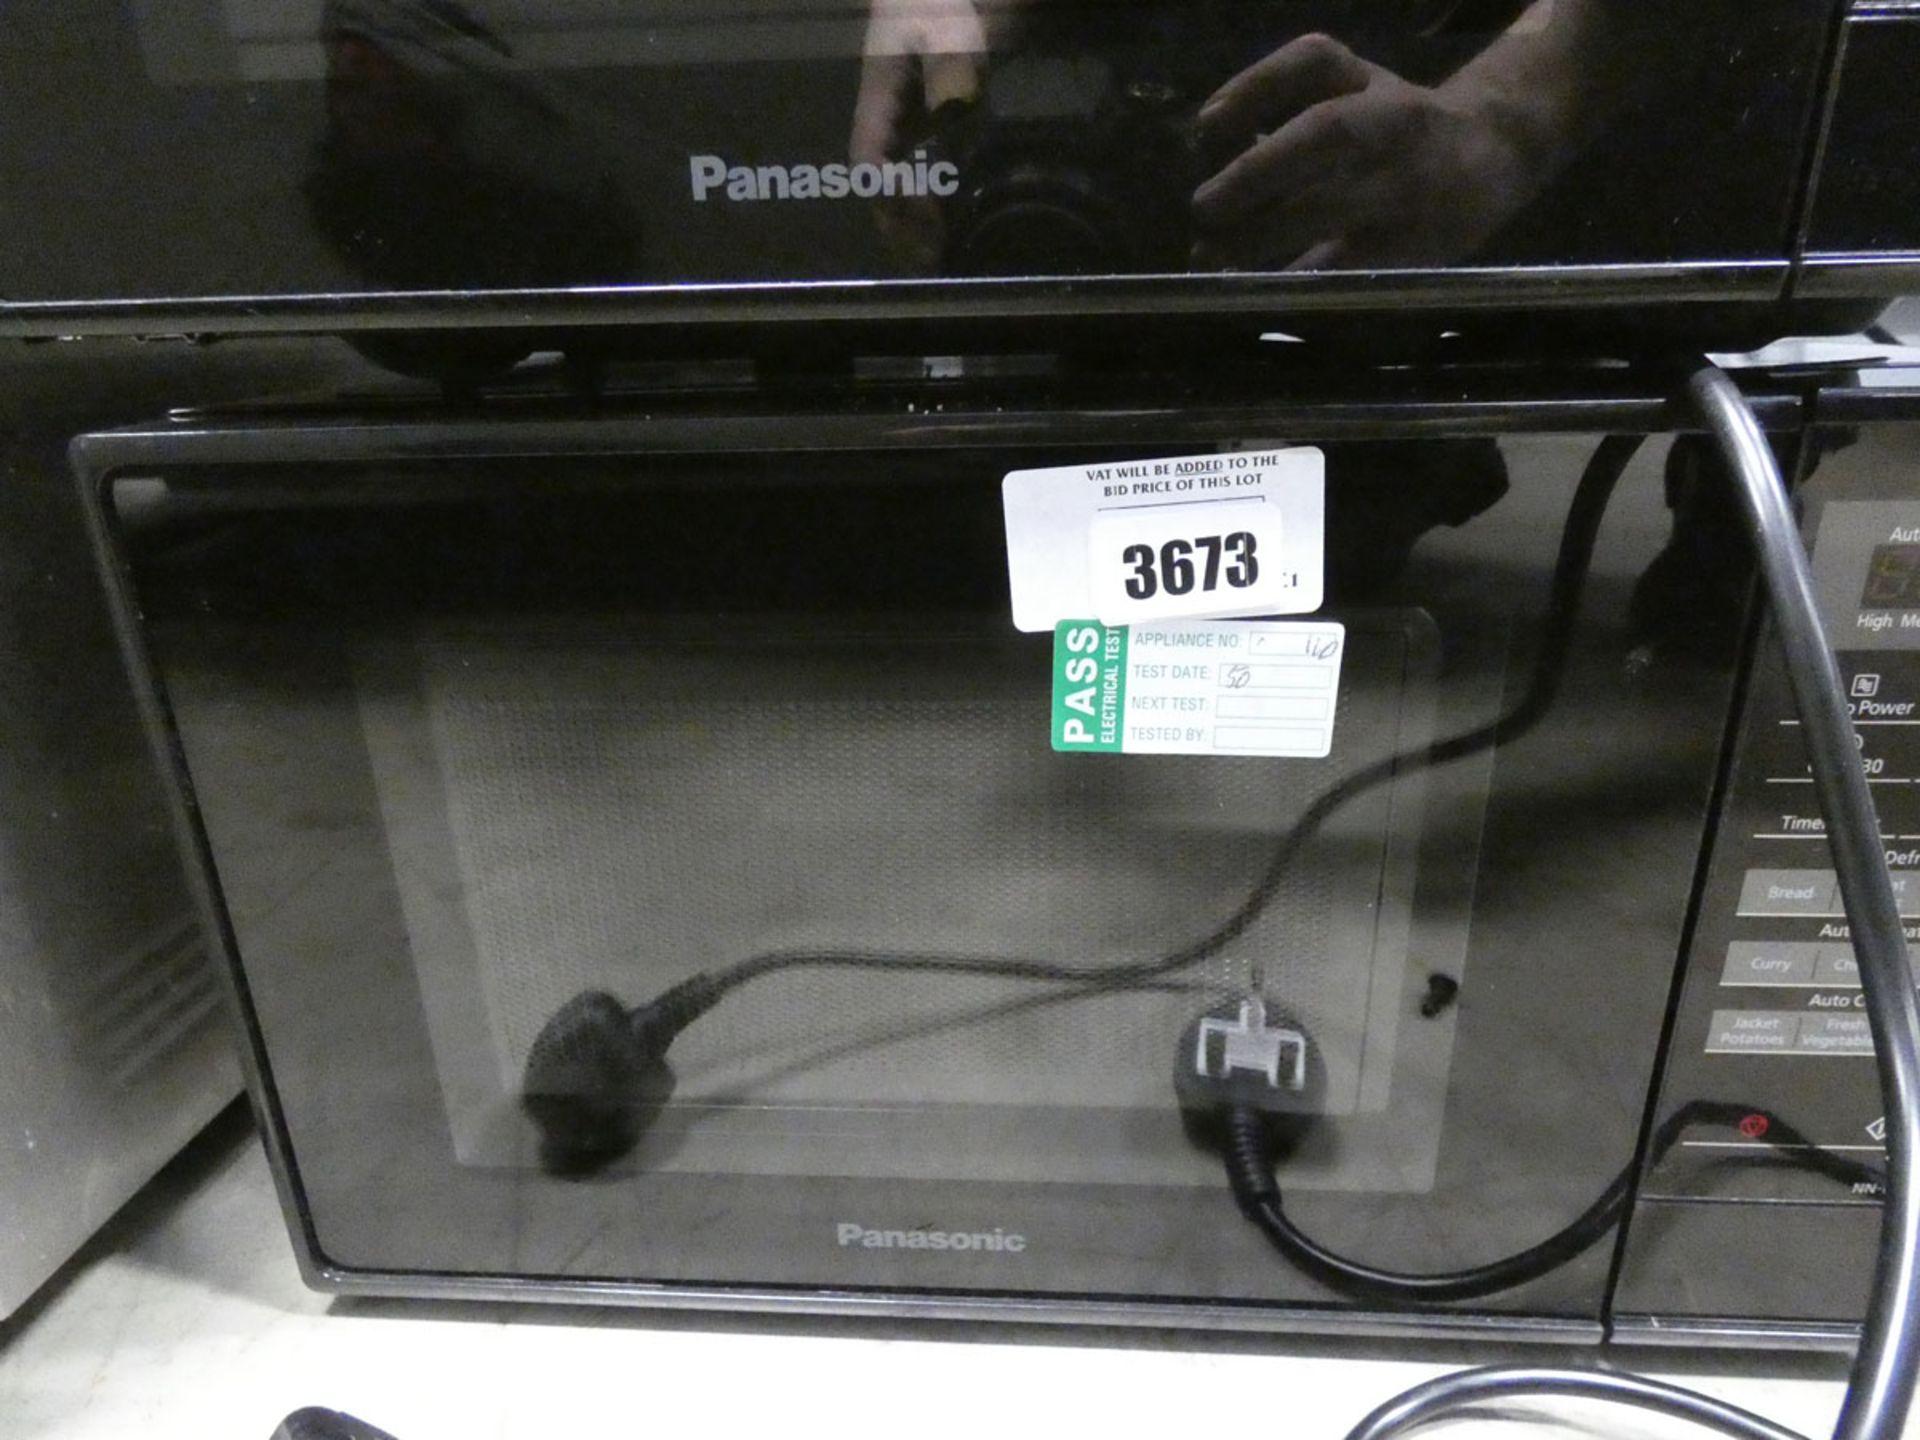 3444 Panasonic microwave